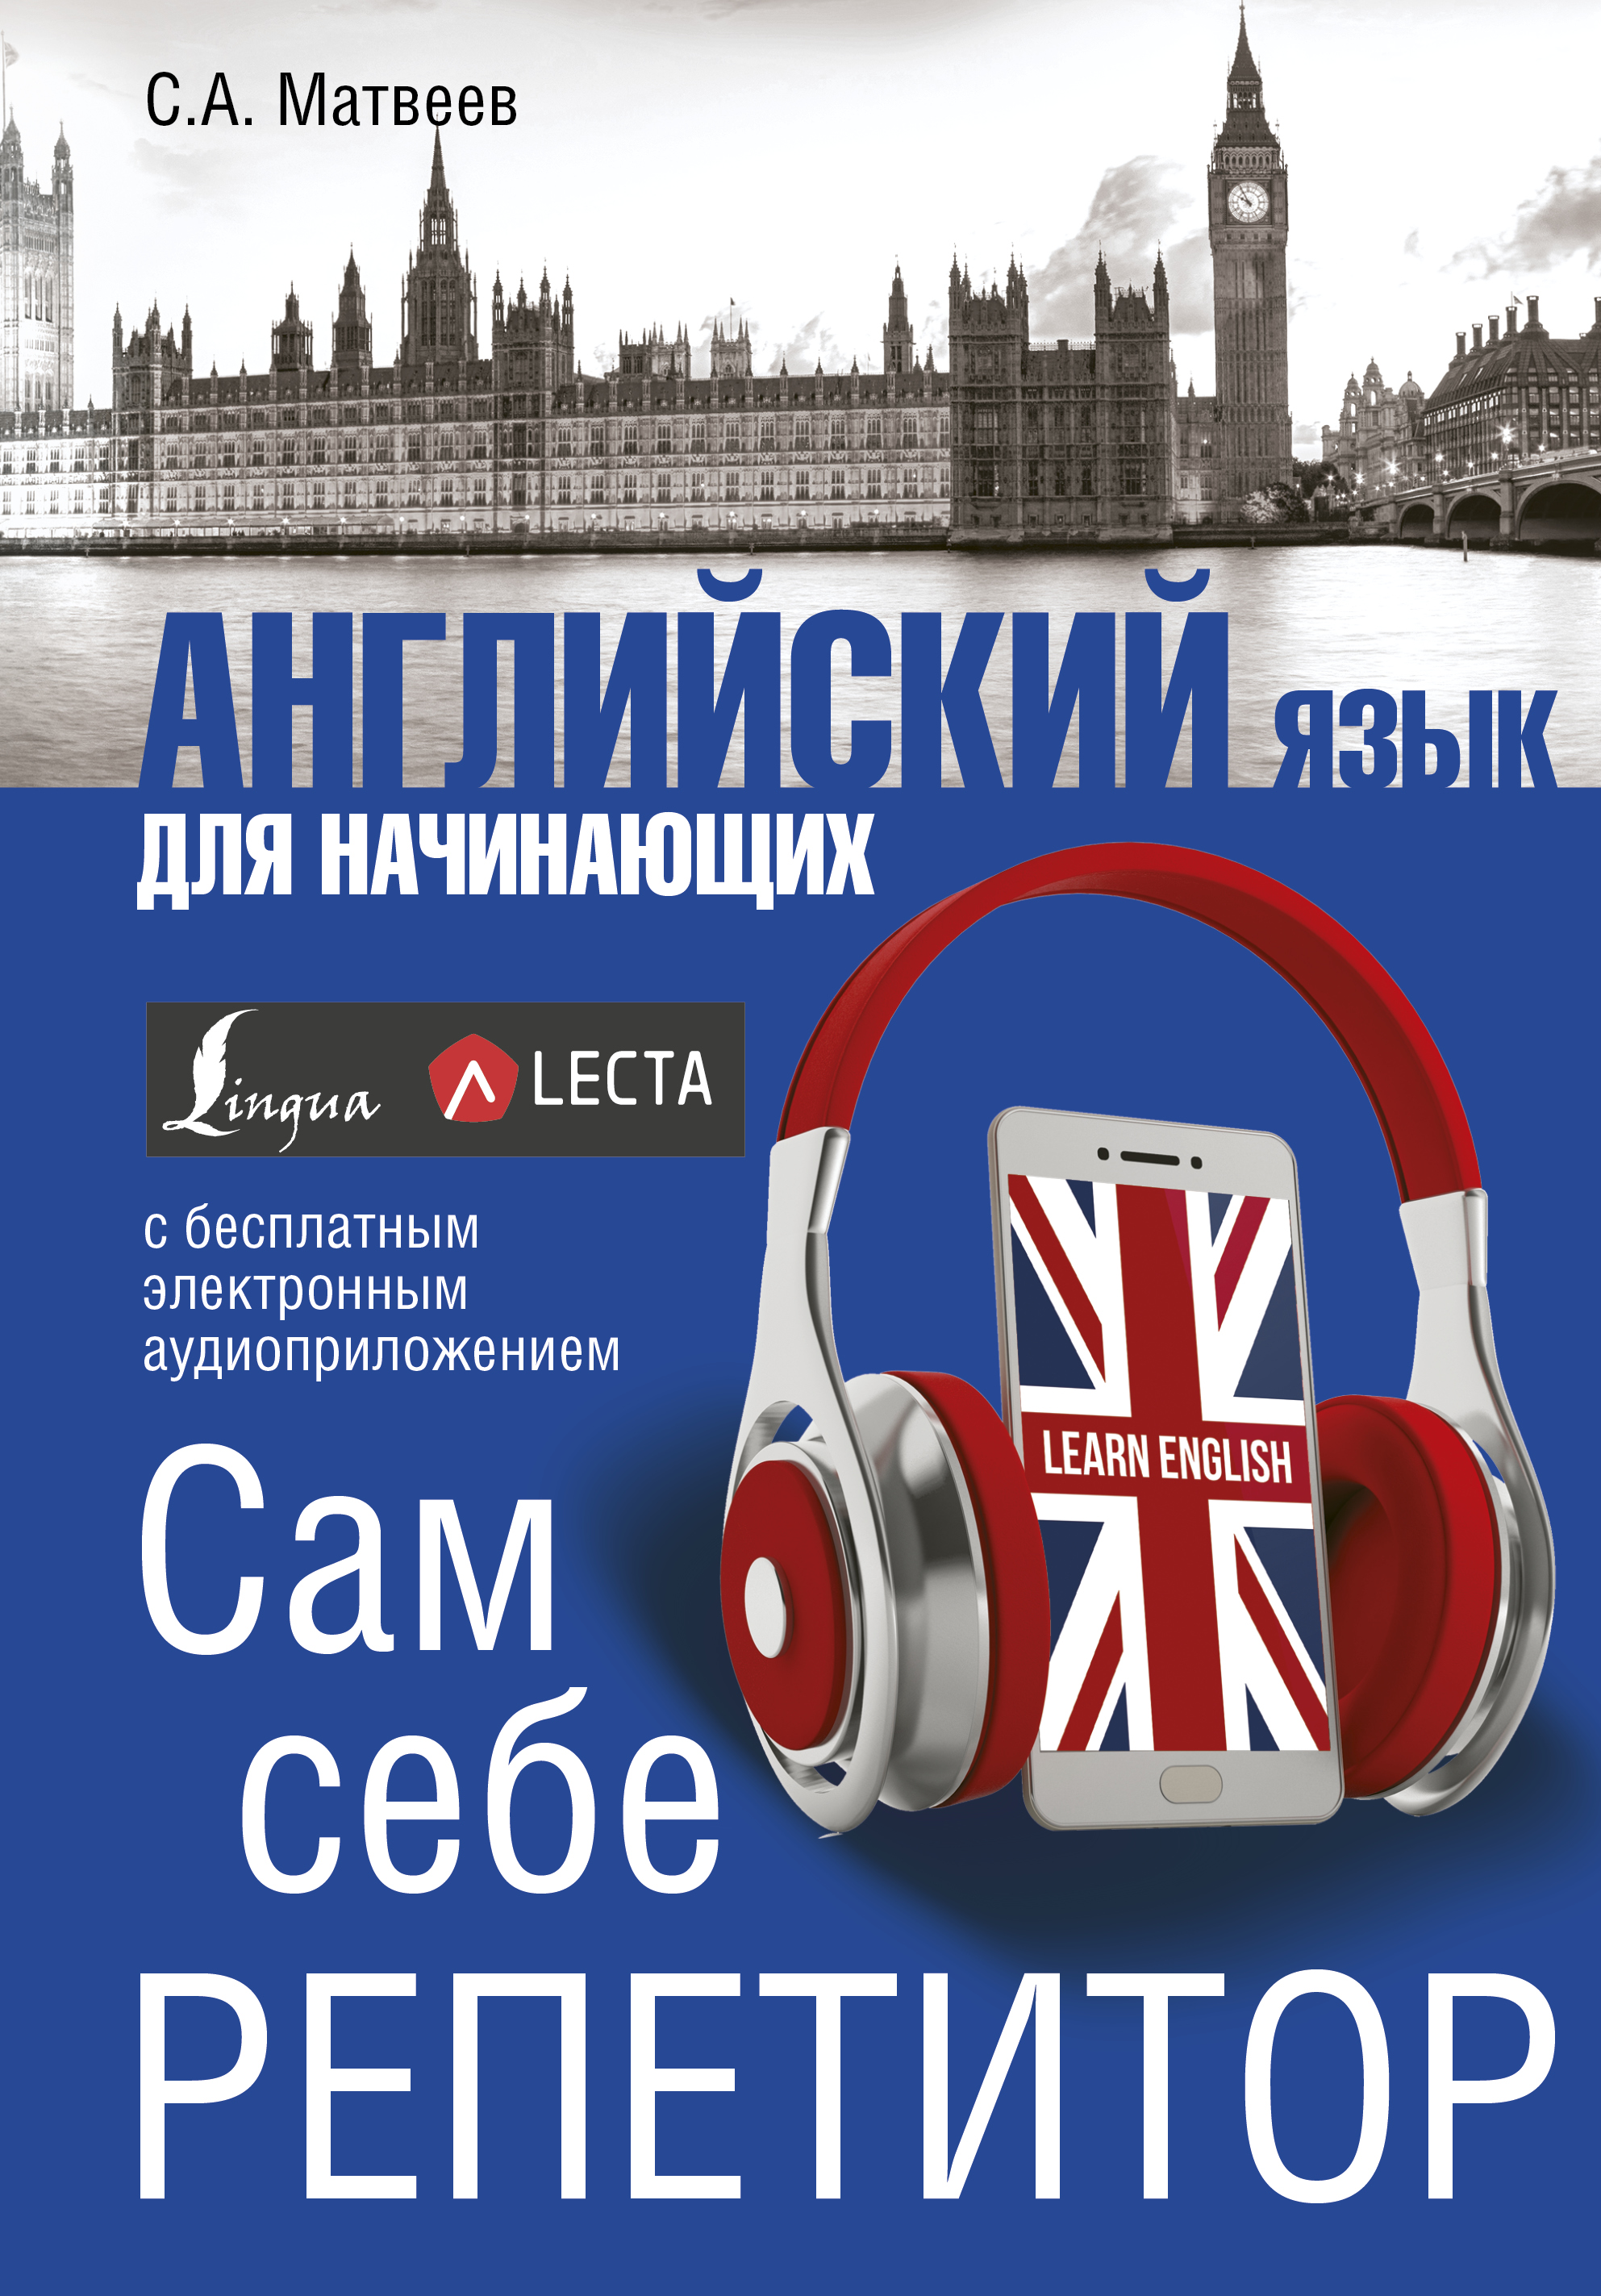 С. А. Матвеев Английский язык для начинающих. Сам себе репетитор + LECTA книги феникс английский язык репетитор